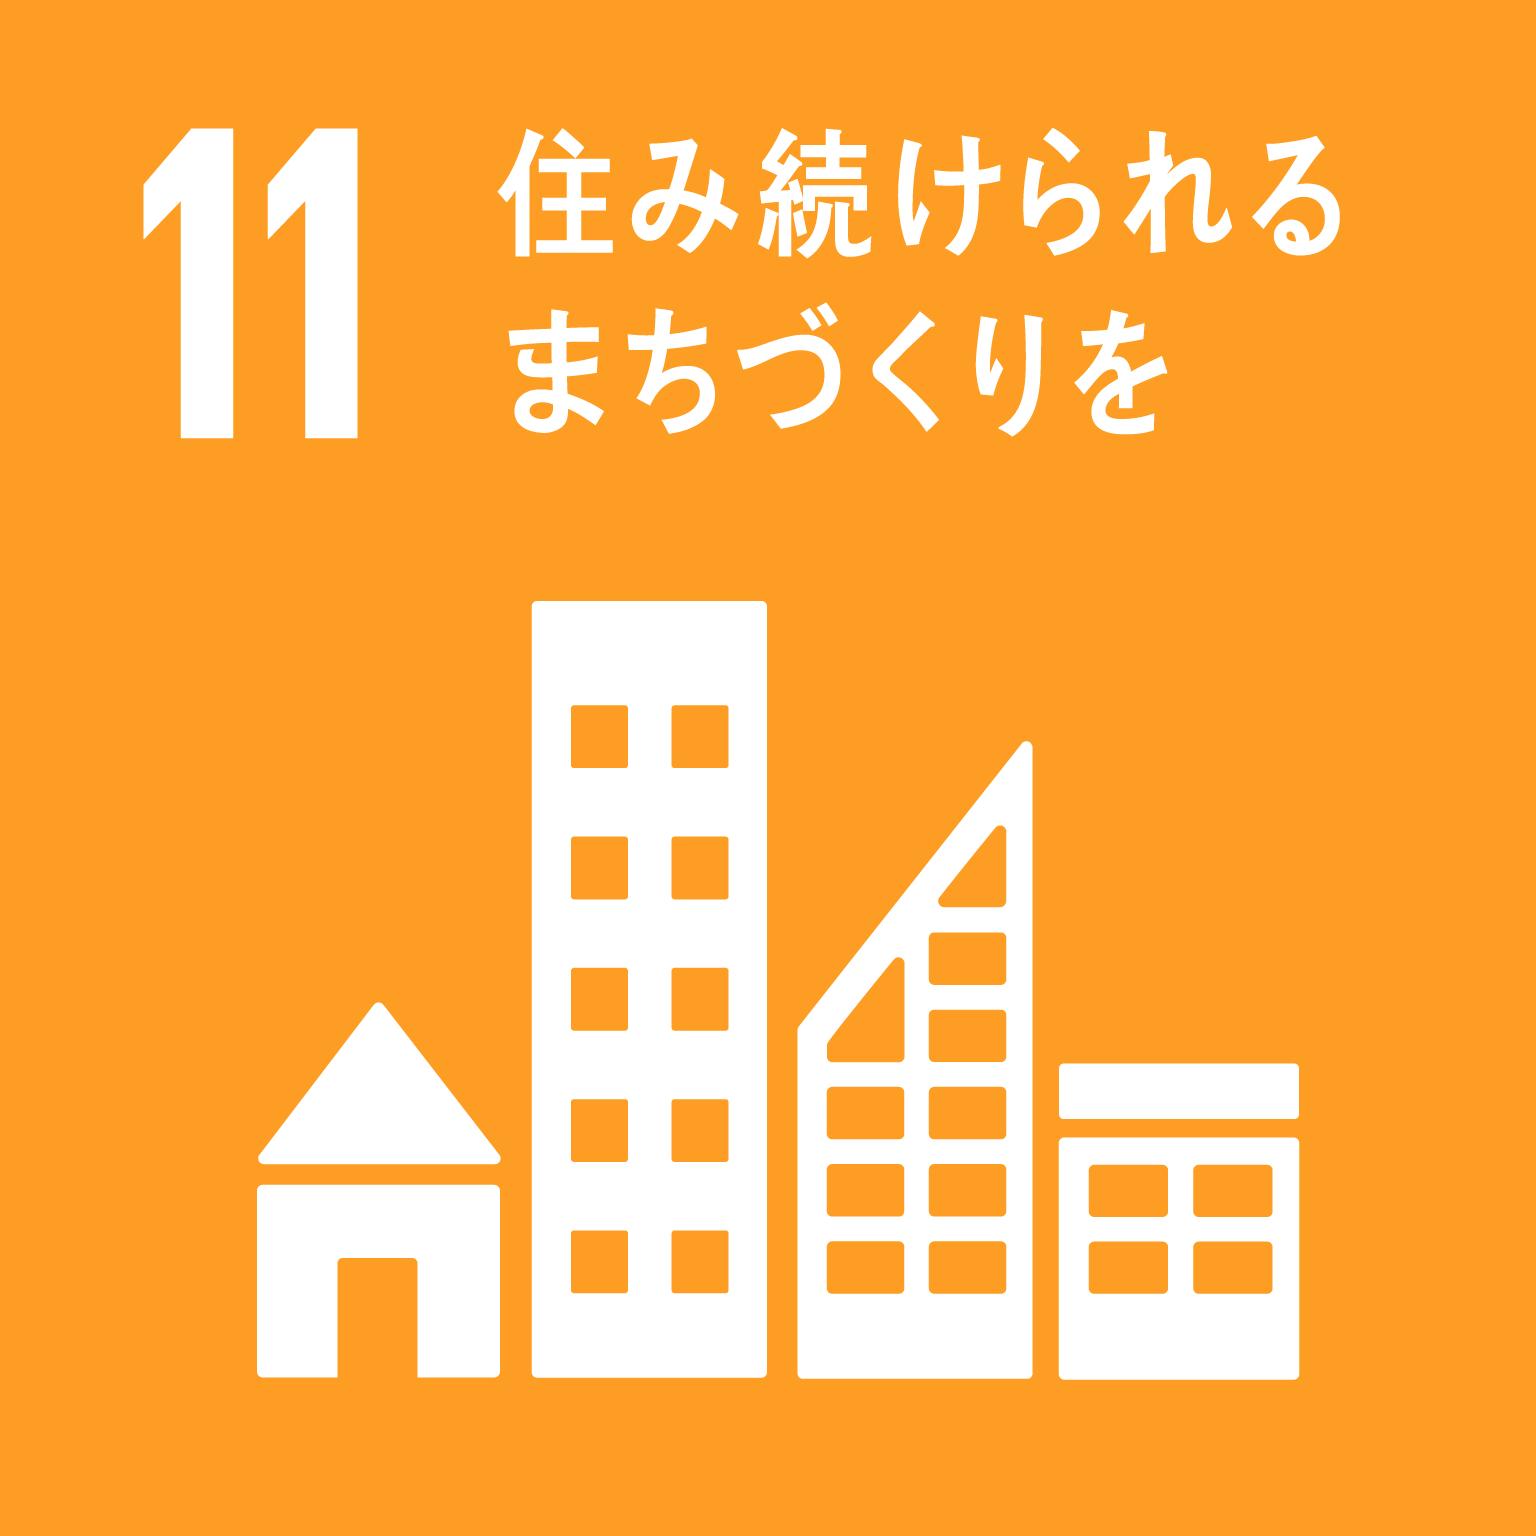 SDGs 社会課題 都市